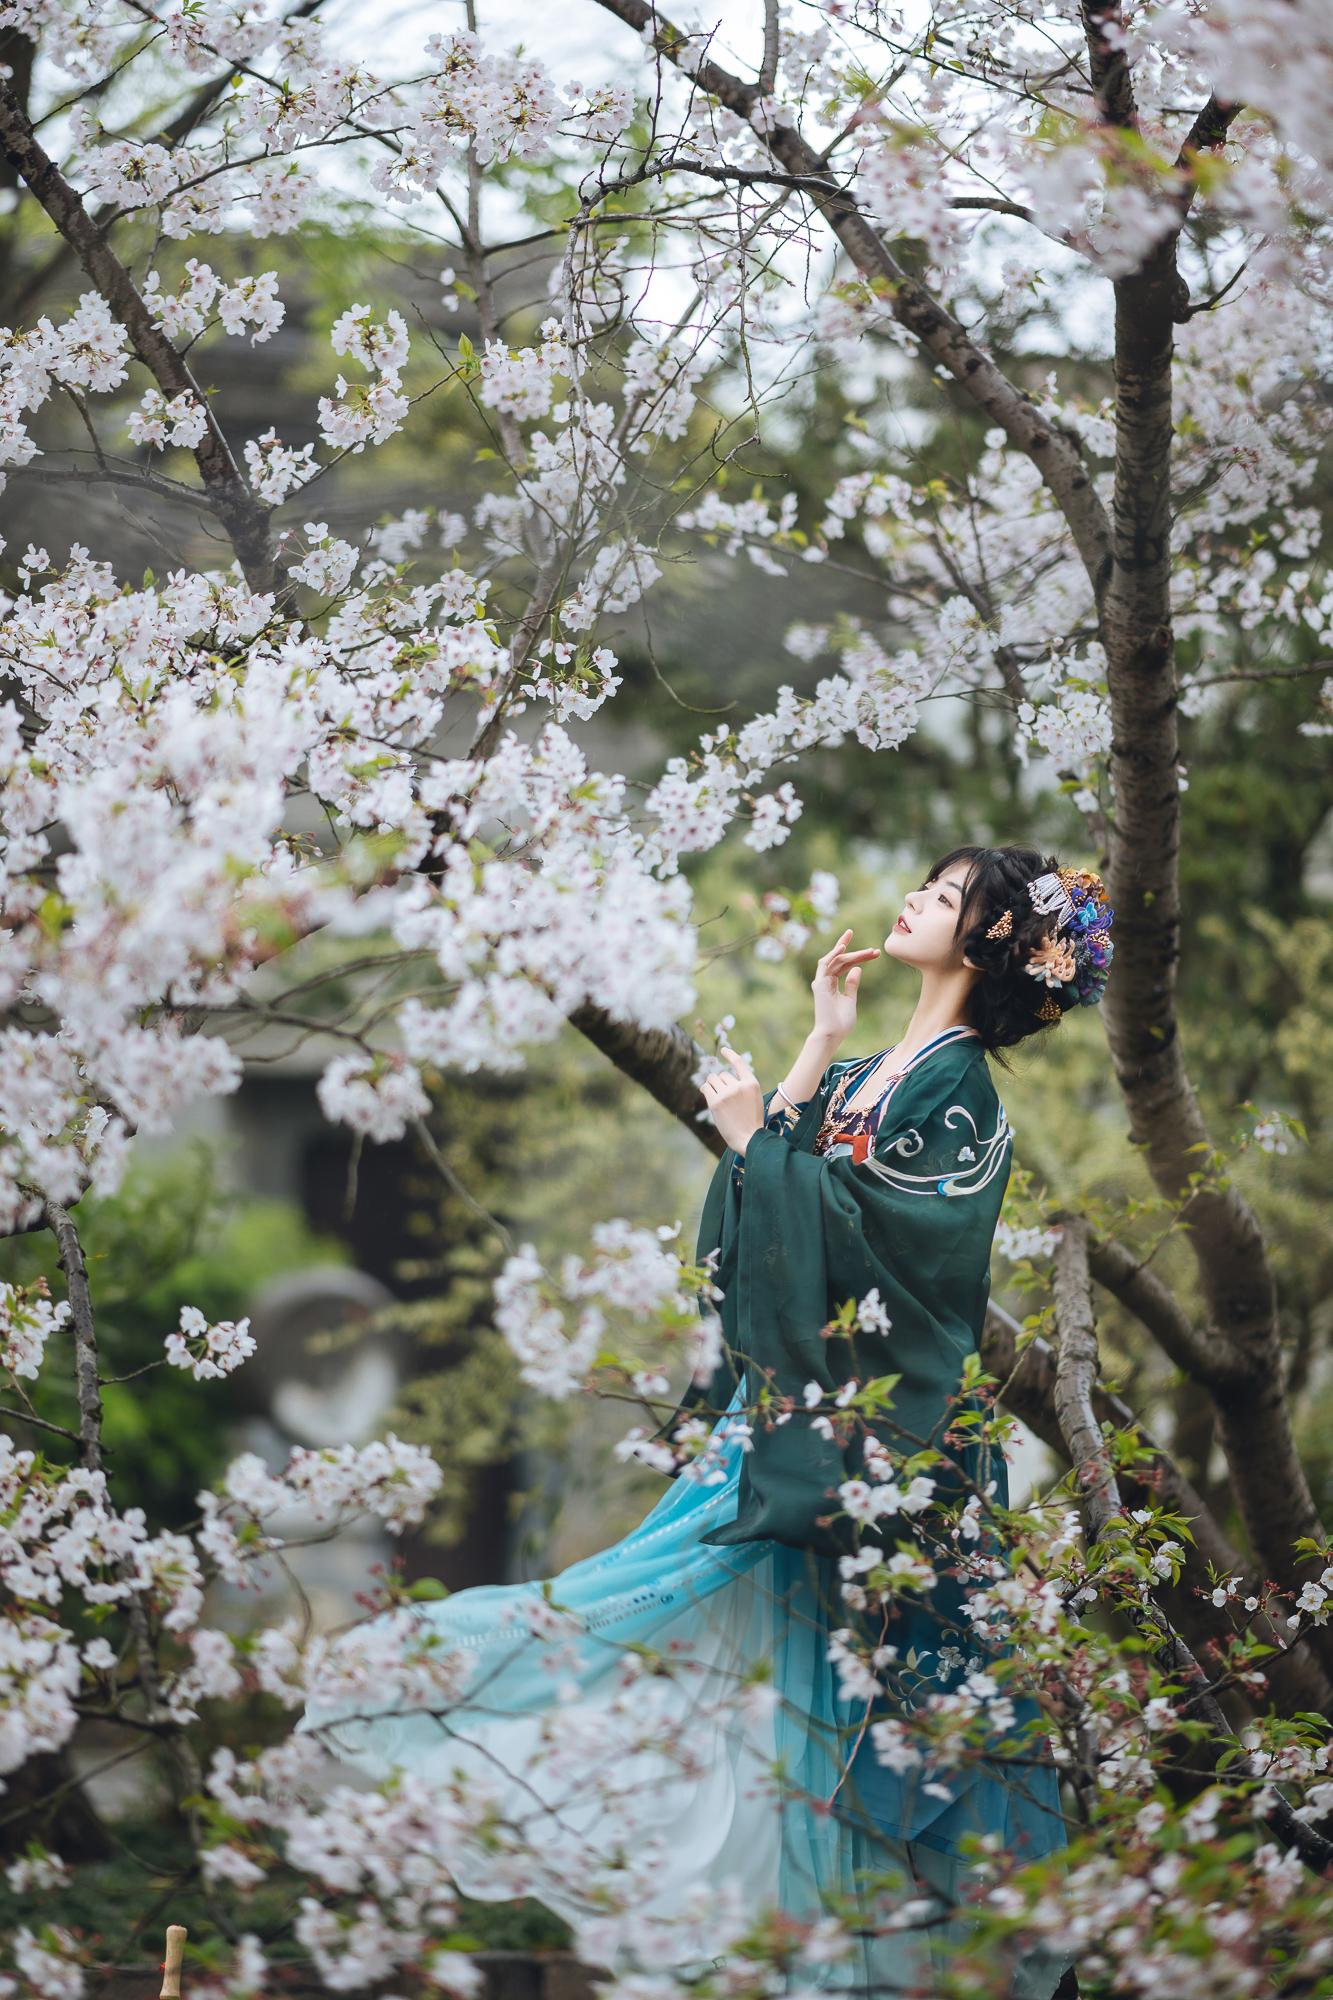 春花集 III 拍着拍着下起了雨插图(1)